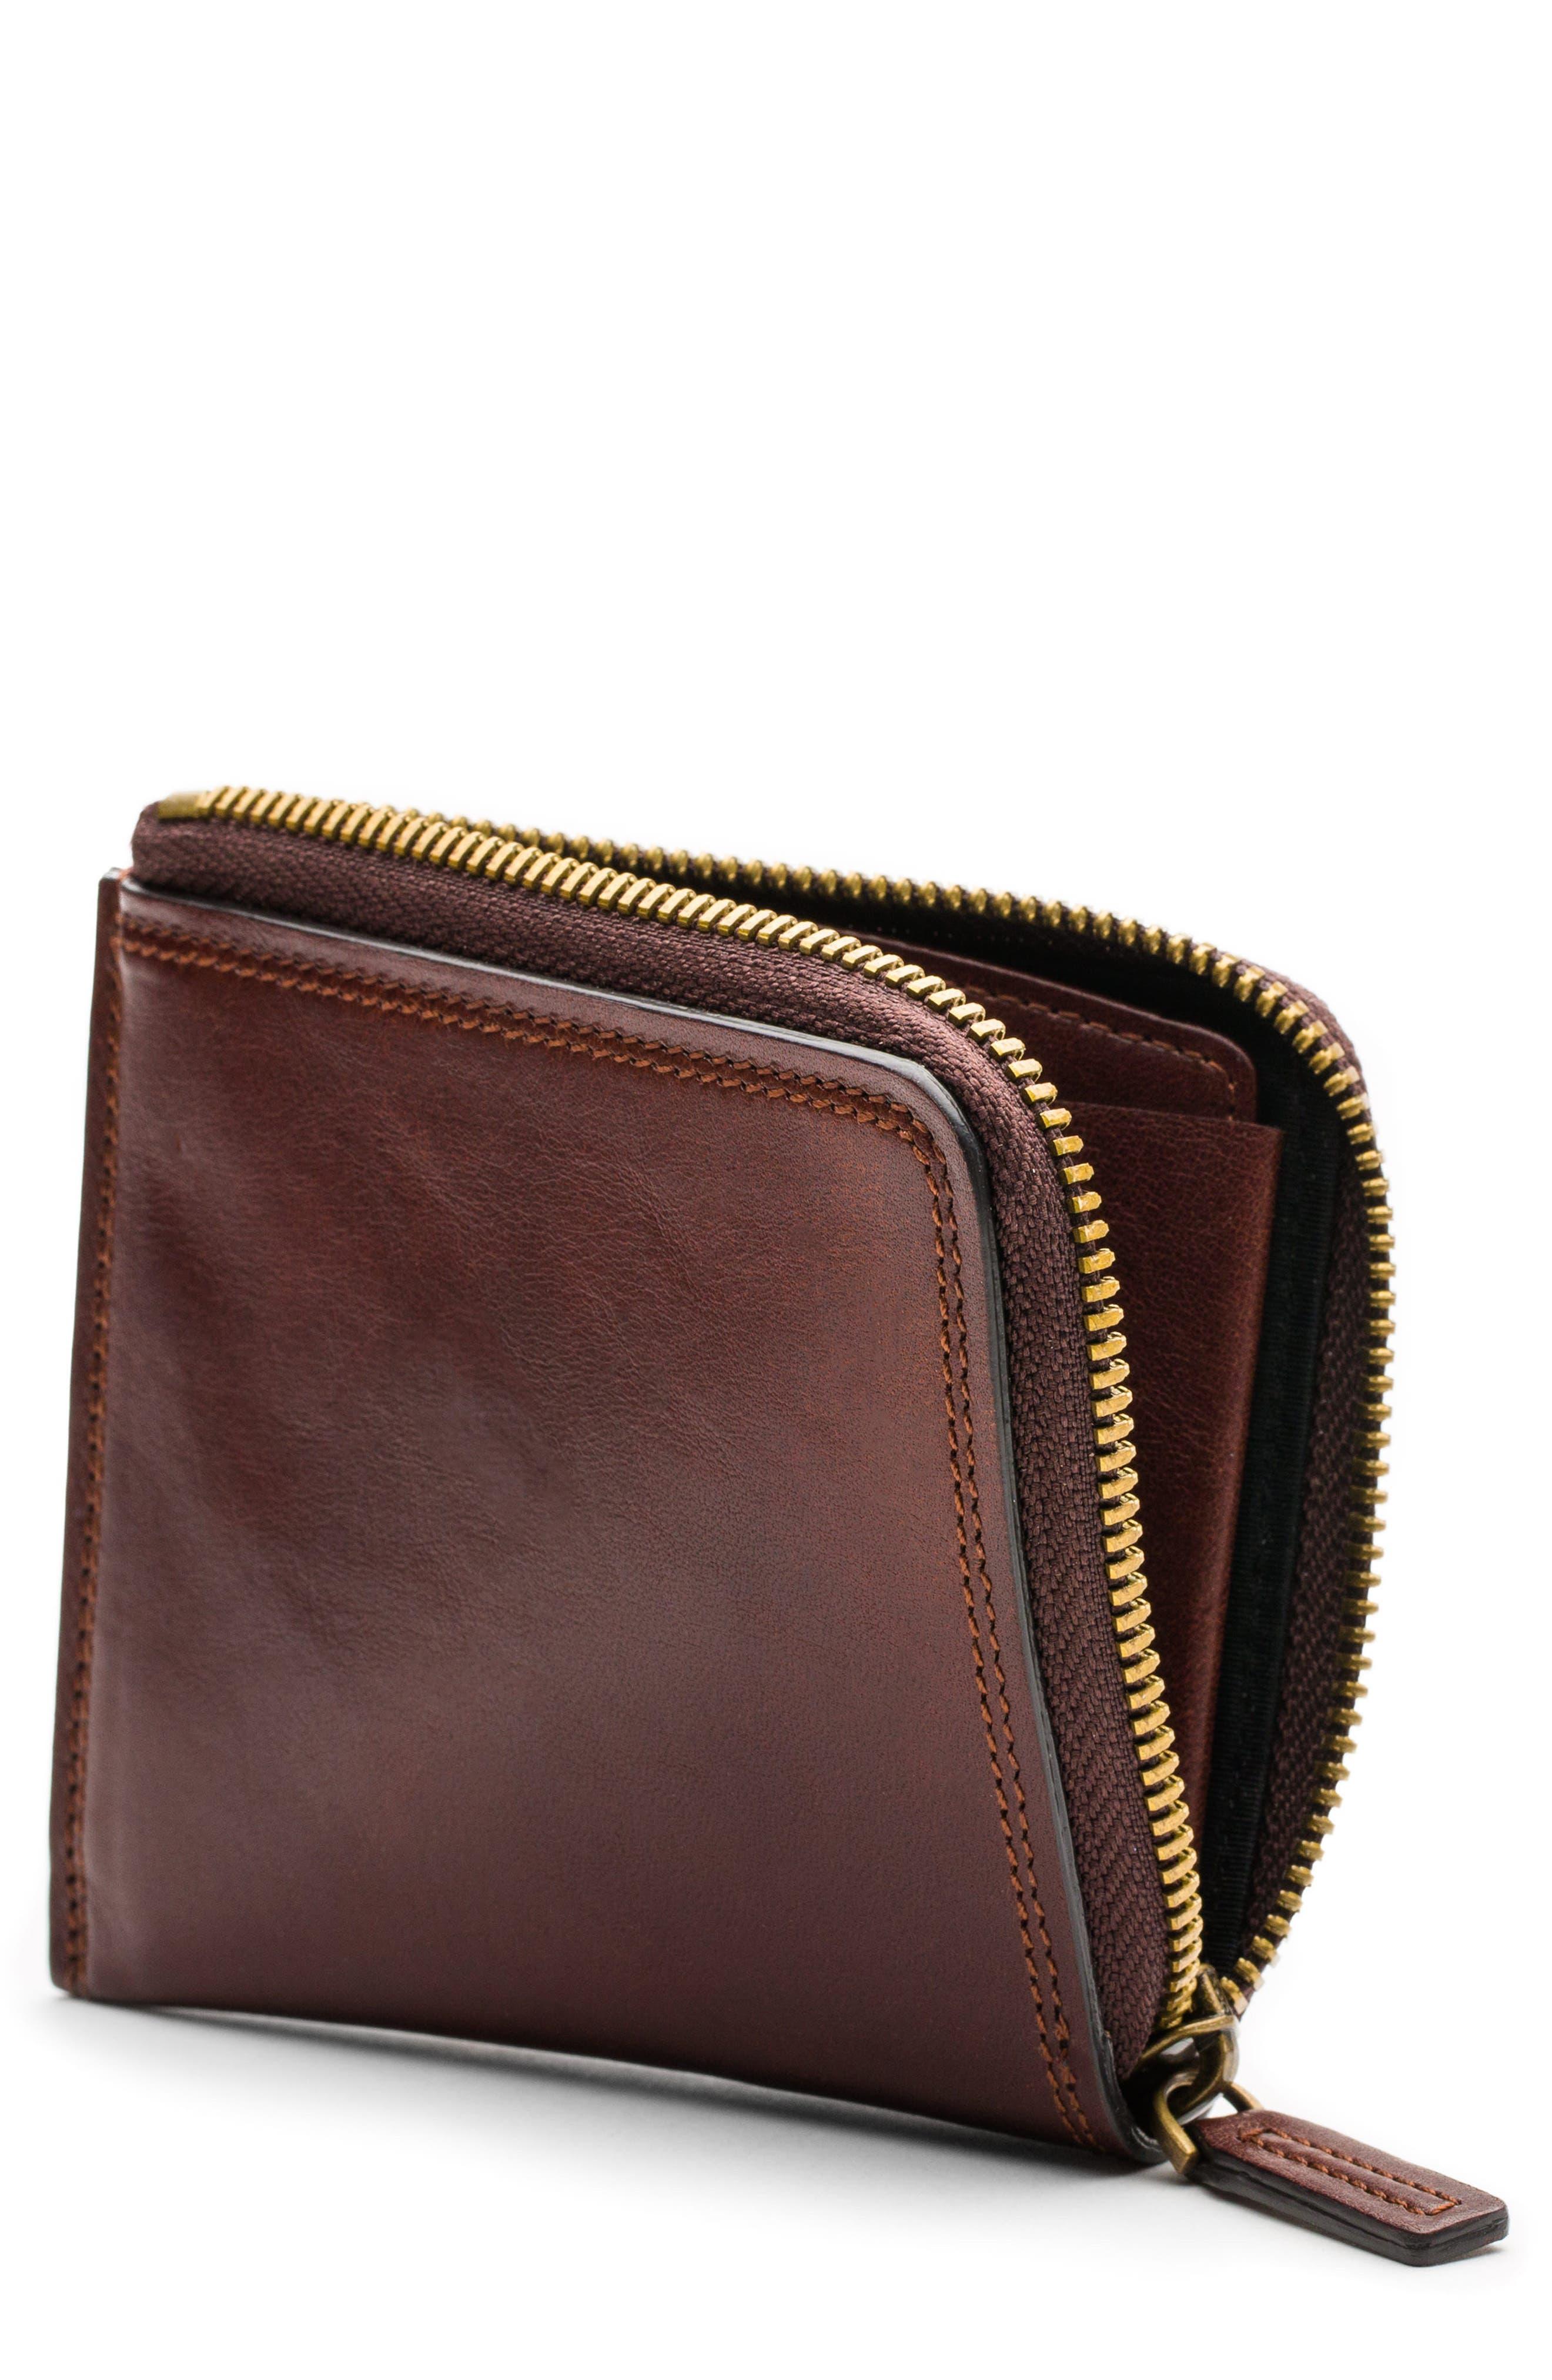 Bosca Dolce Leather Zip Wallet